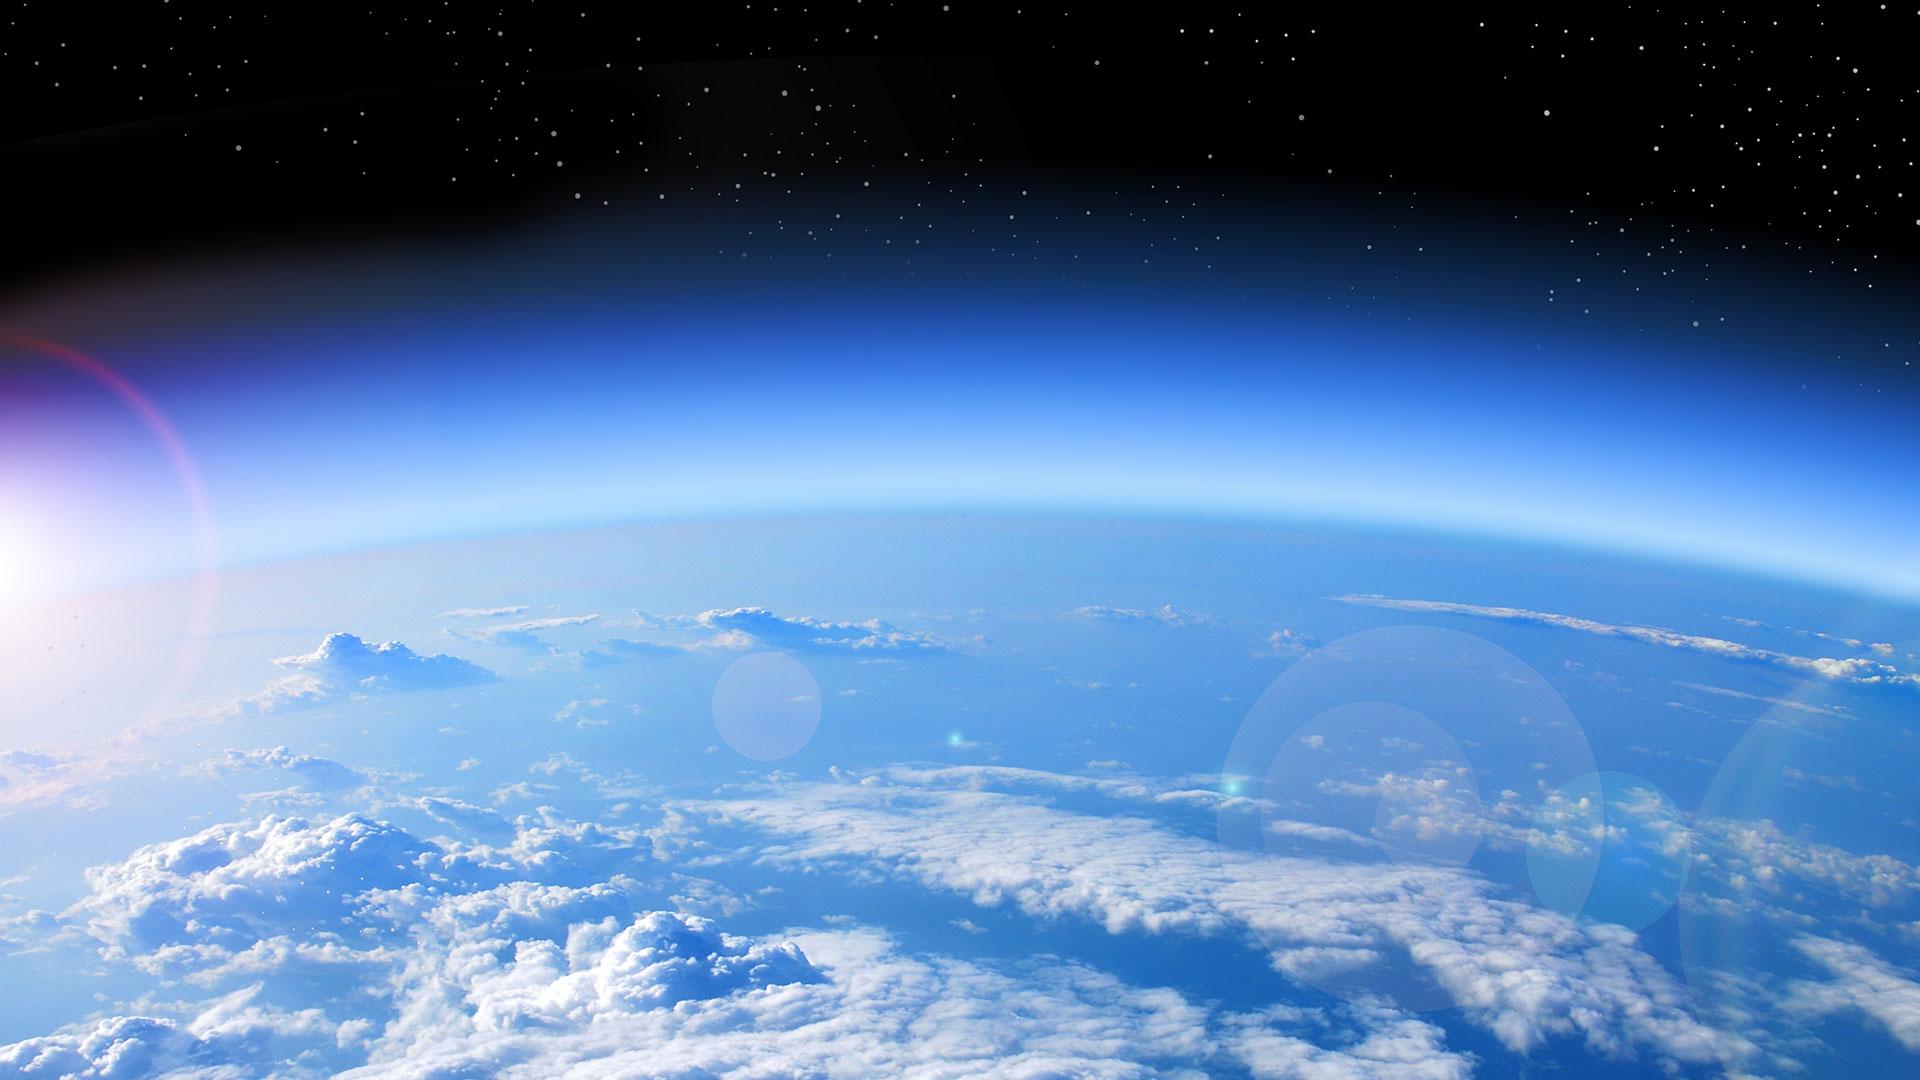 capa de ozono en el mundo